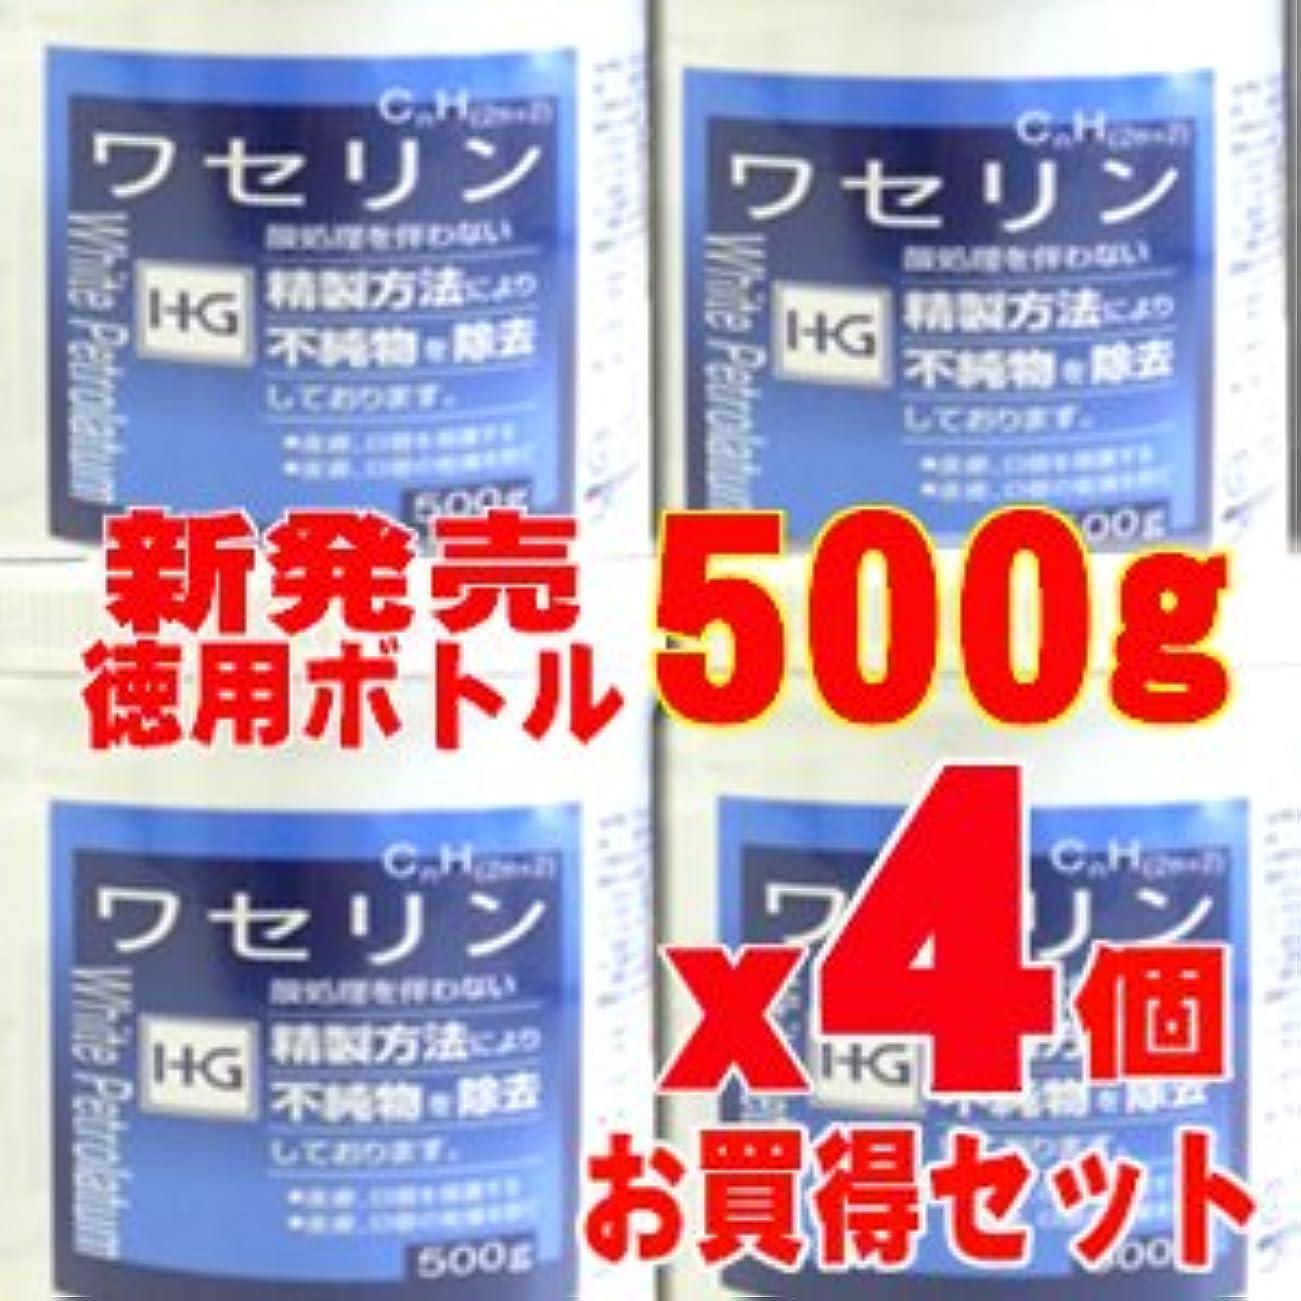 クリーナーブラウン有益【敏感肌の方に最適!】皮膚保護 ワセリンHG 徳用500gx4個セット